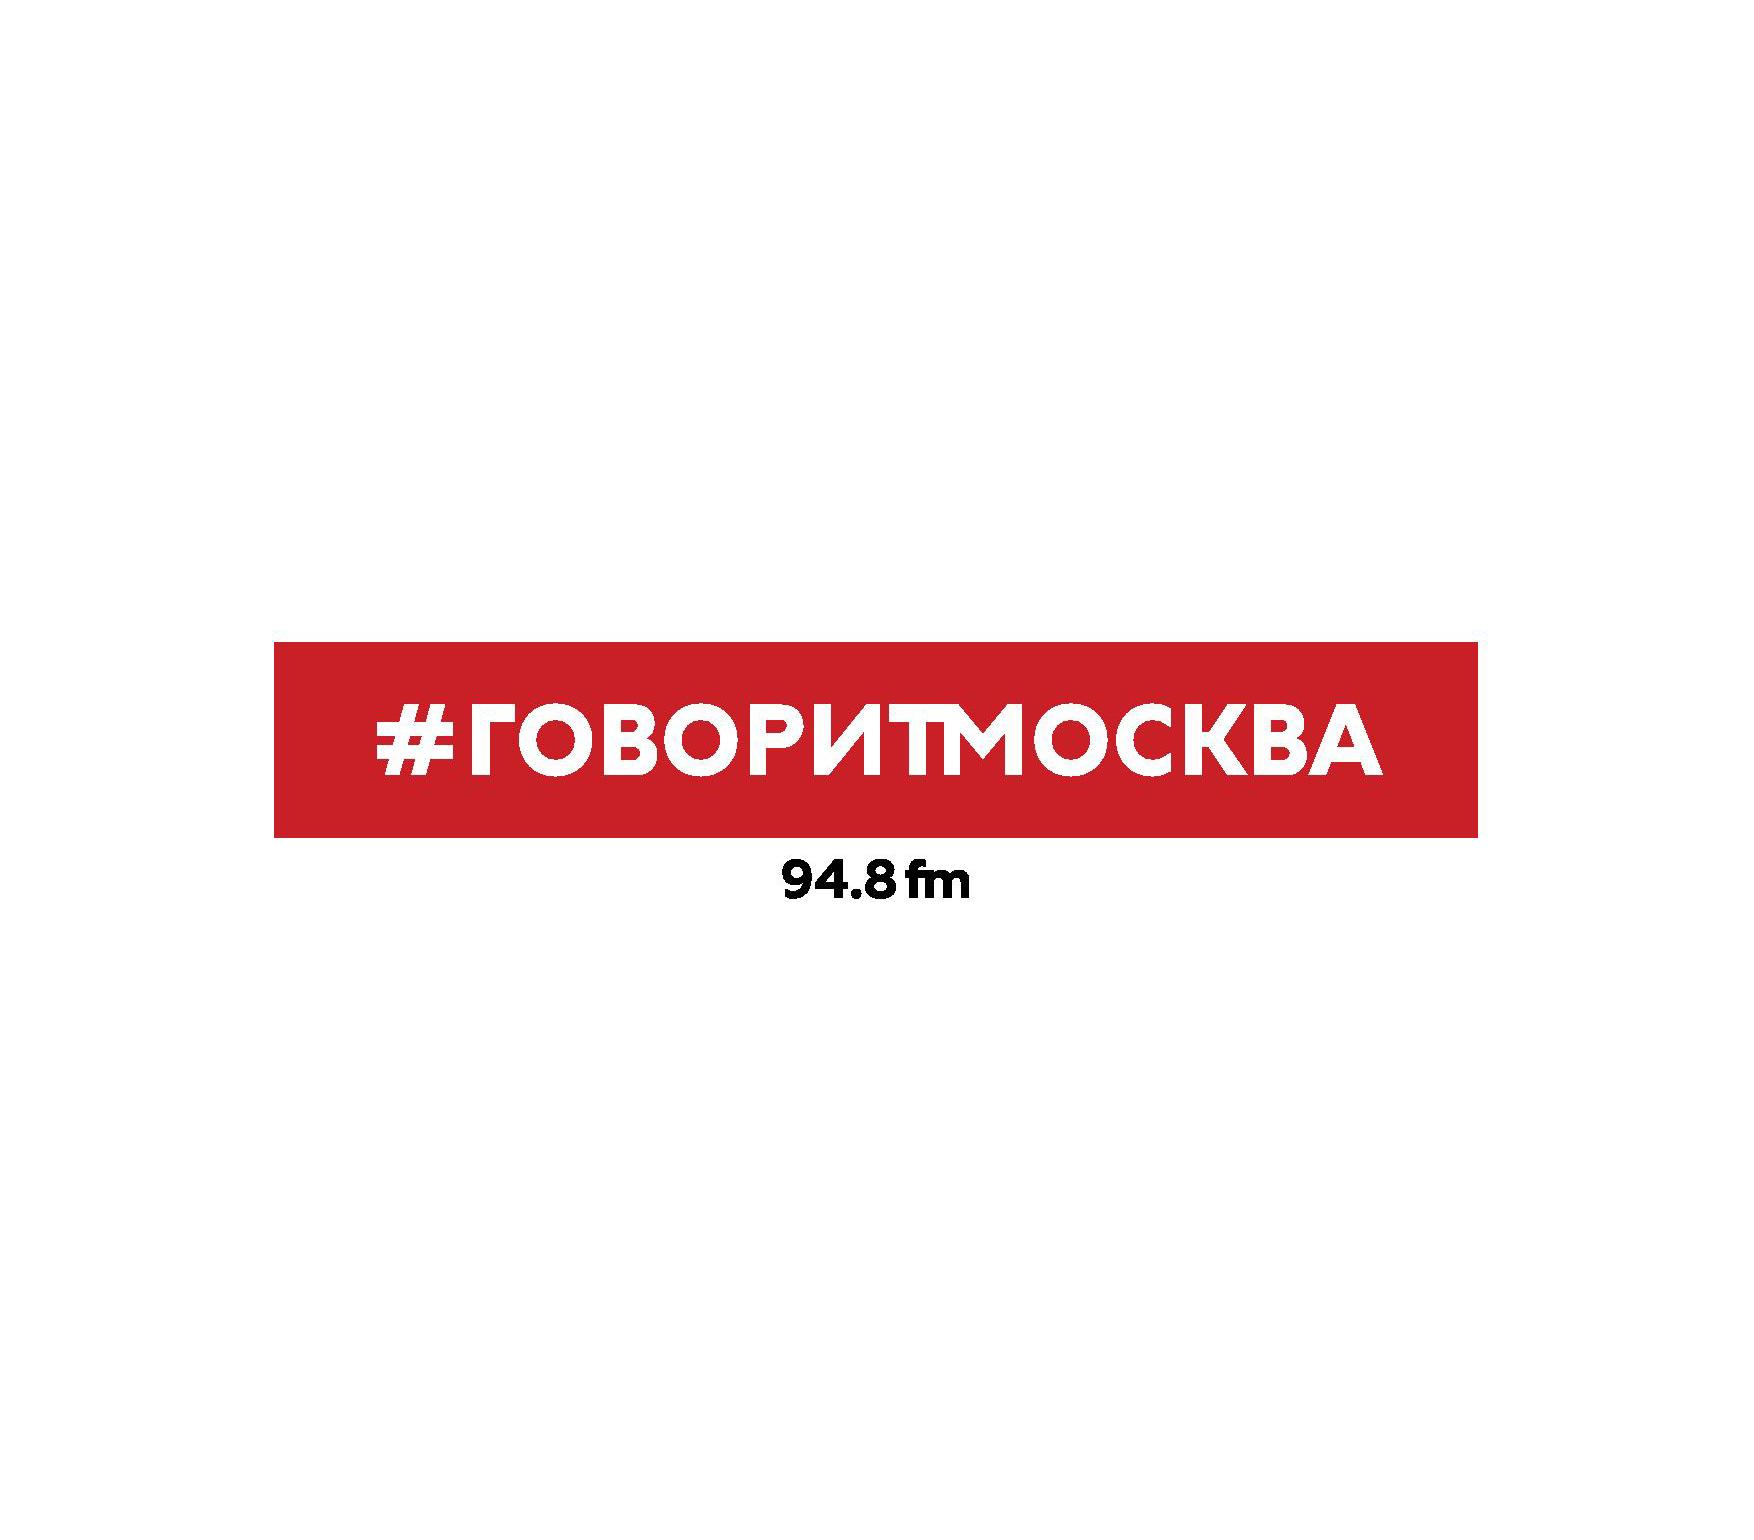 Макс Челноков 8 мая. Константин Хабенский цена